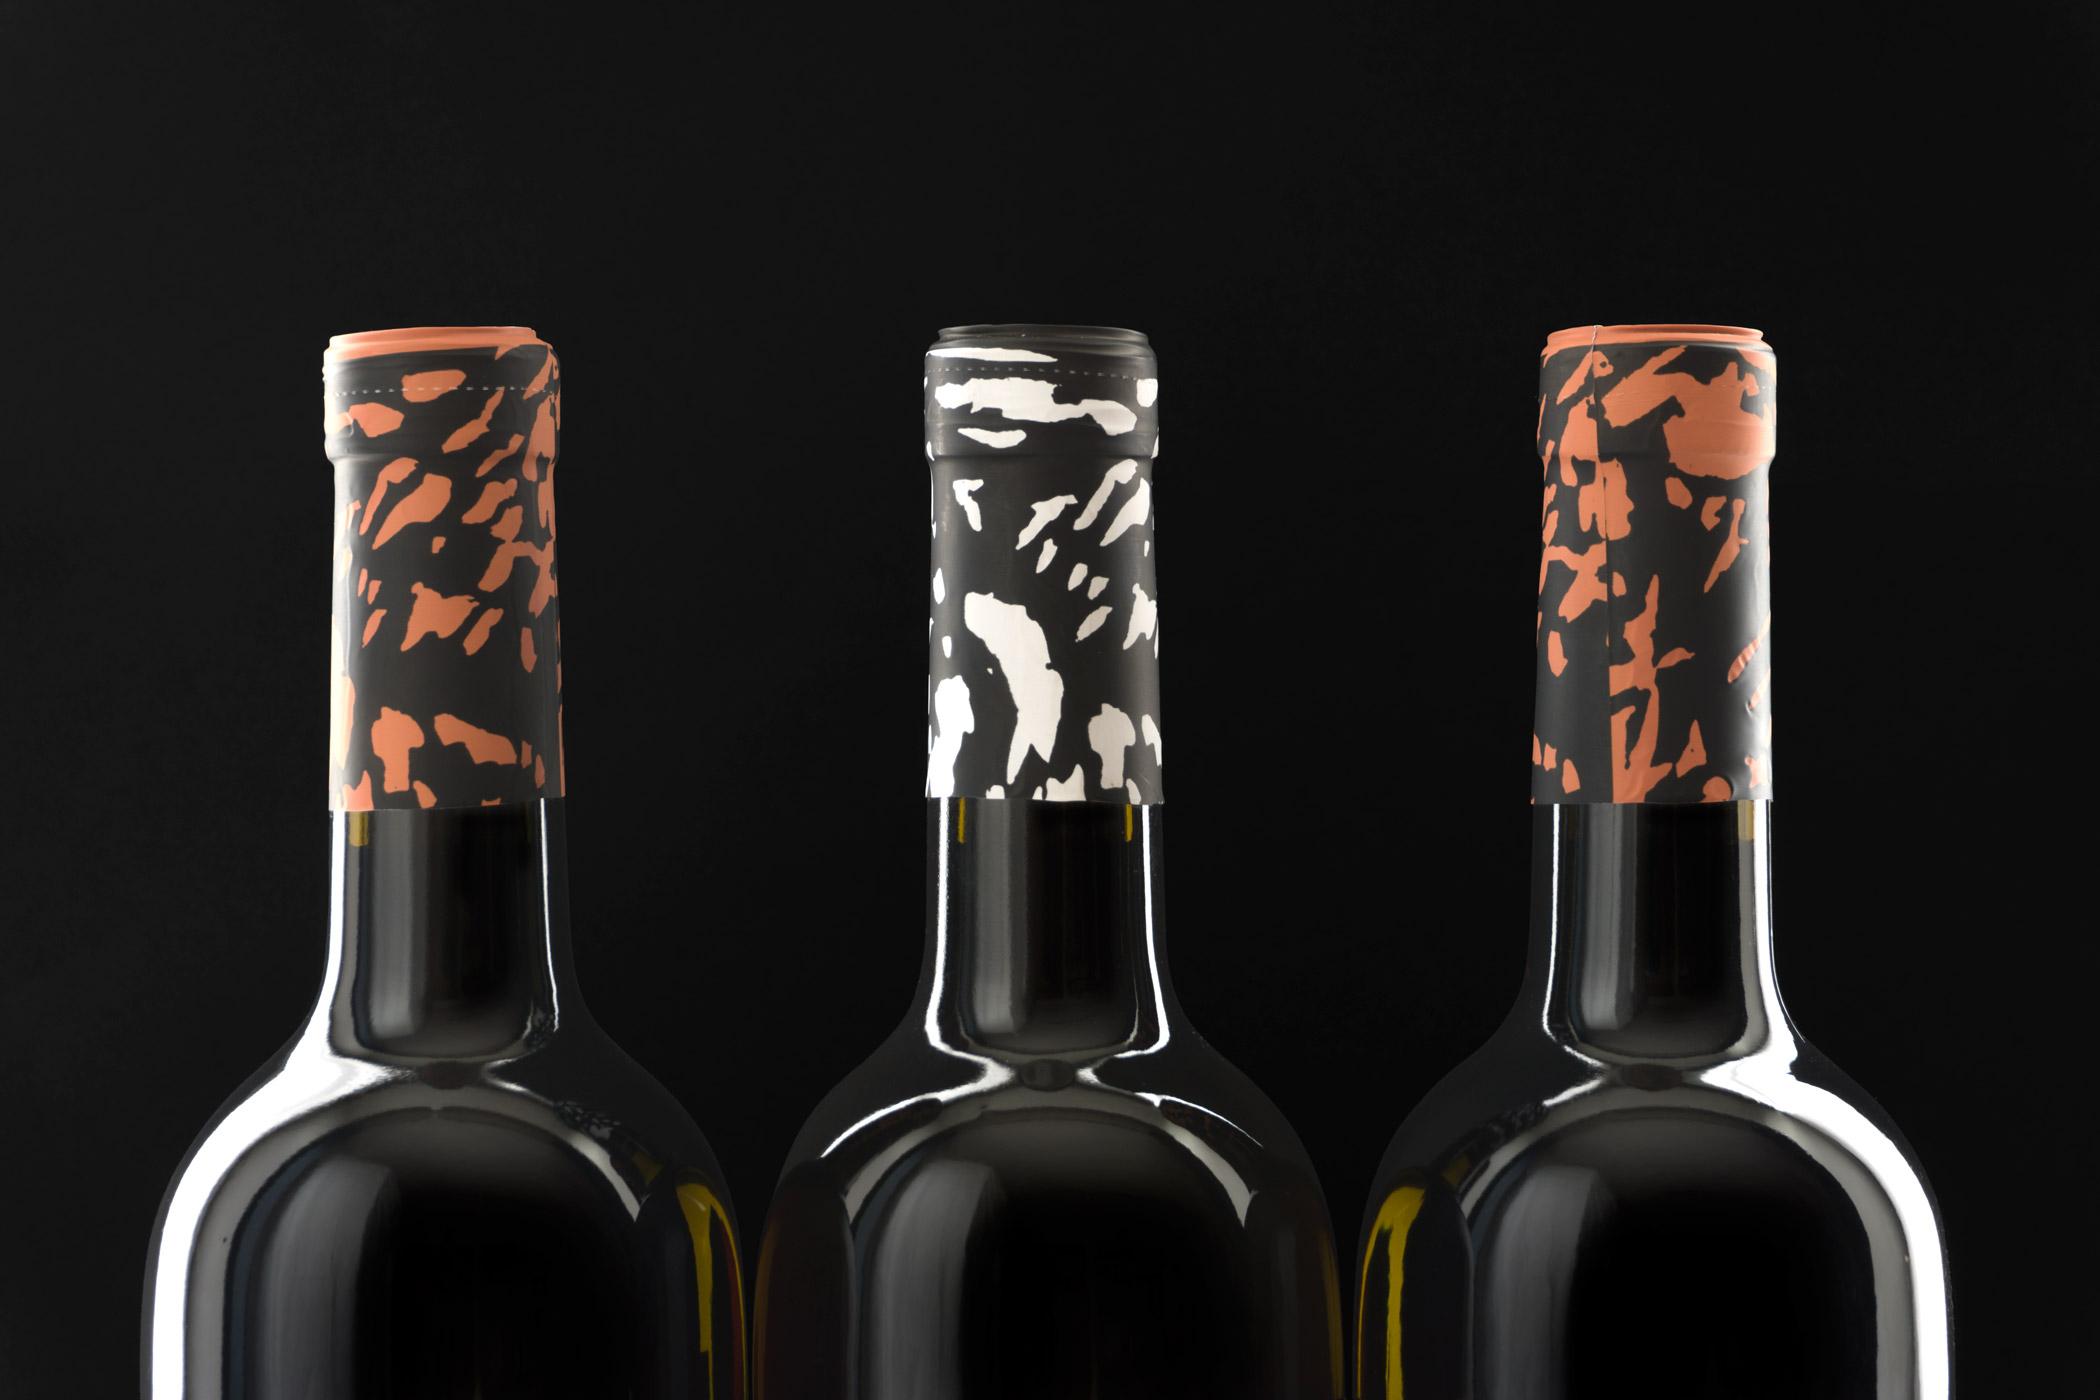 Weinflaschen des Weingut Egger-Ramer Südtirol mit einem Holzschnitt von Christian Thanhäuser